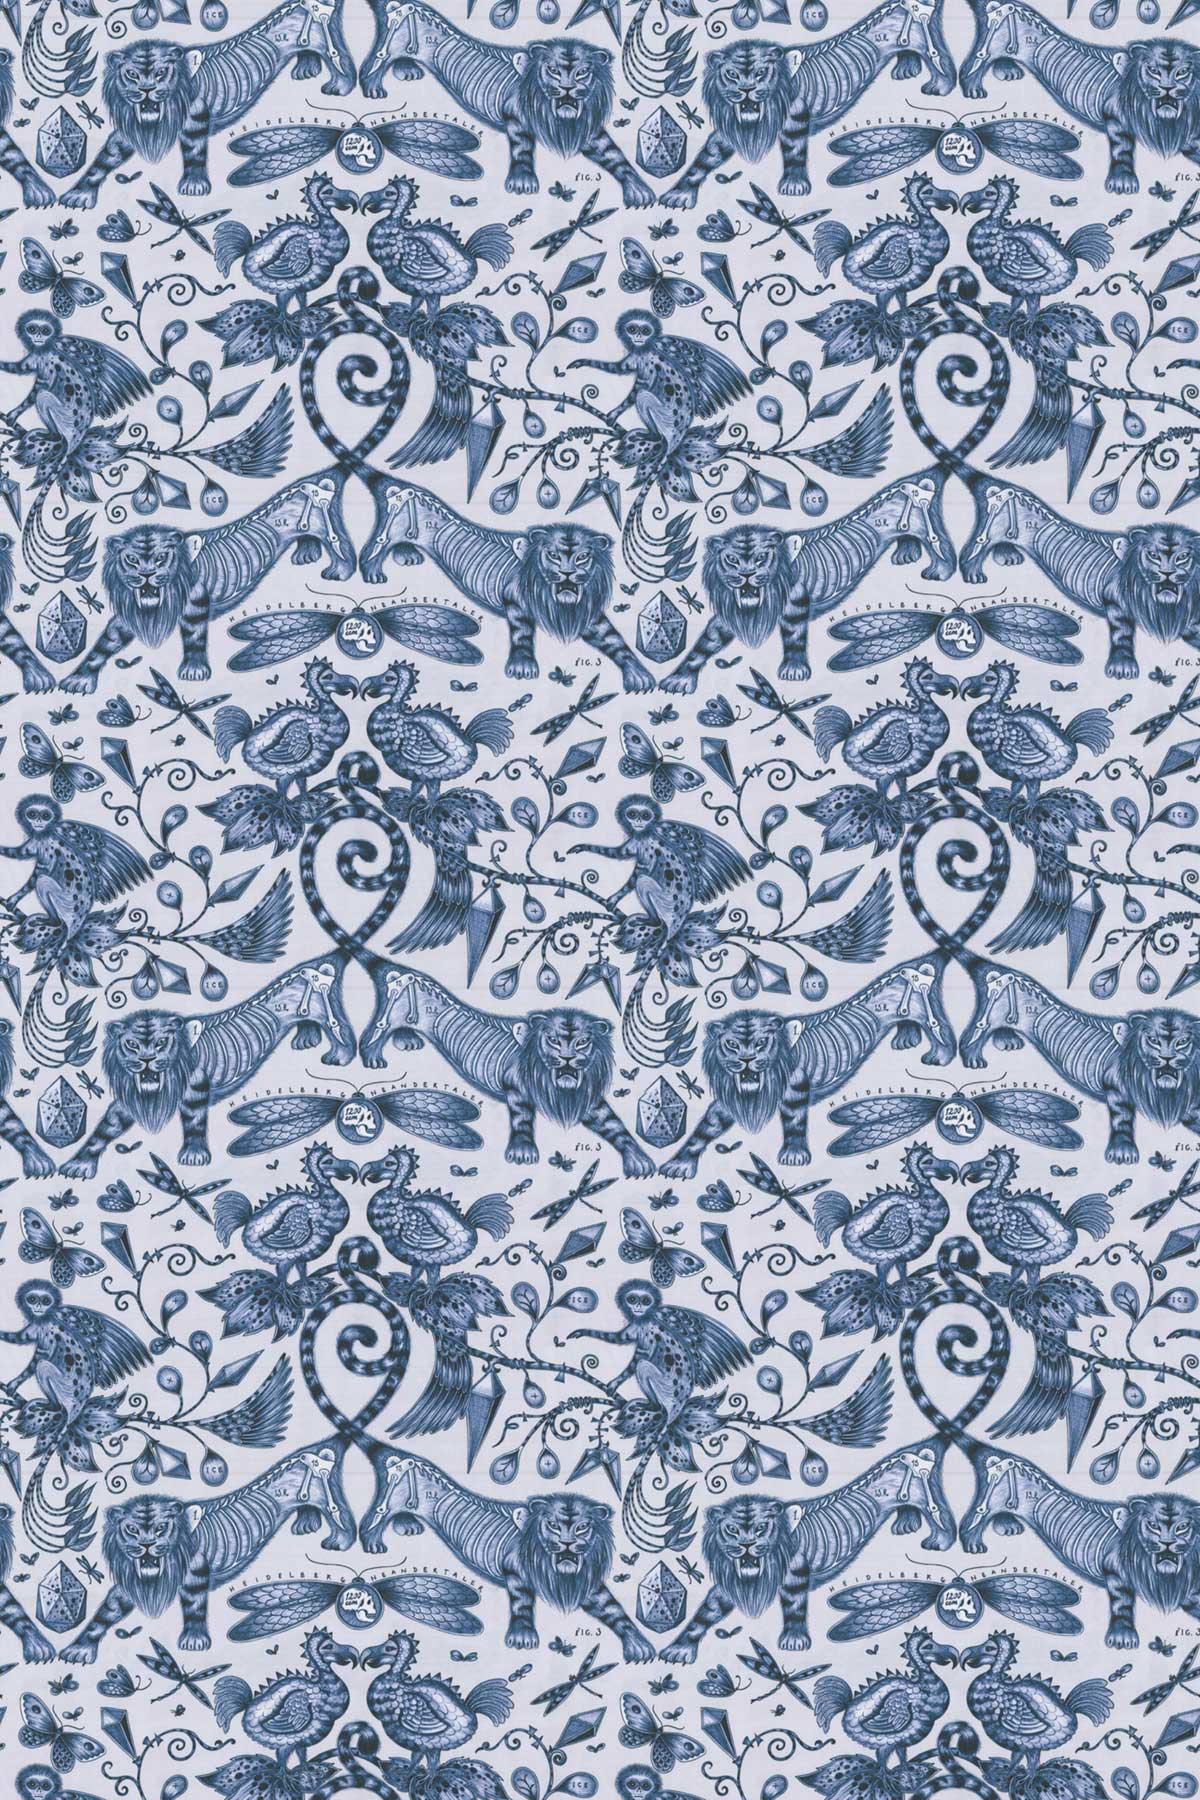 Extinct Fabric - Blue - by Emma J Shipley